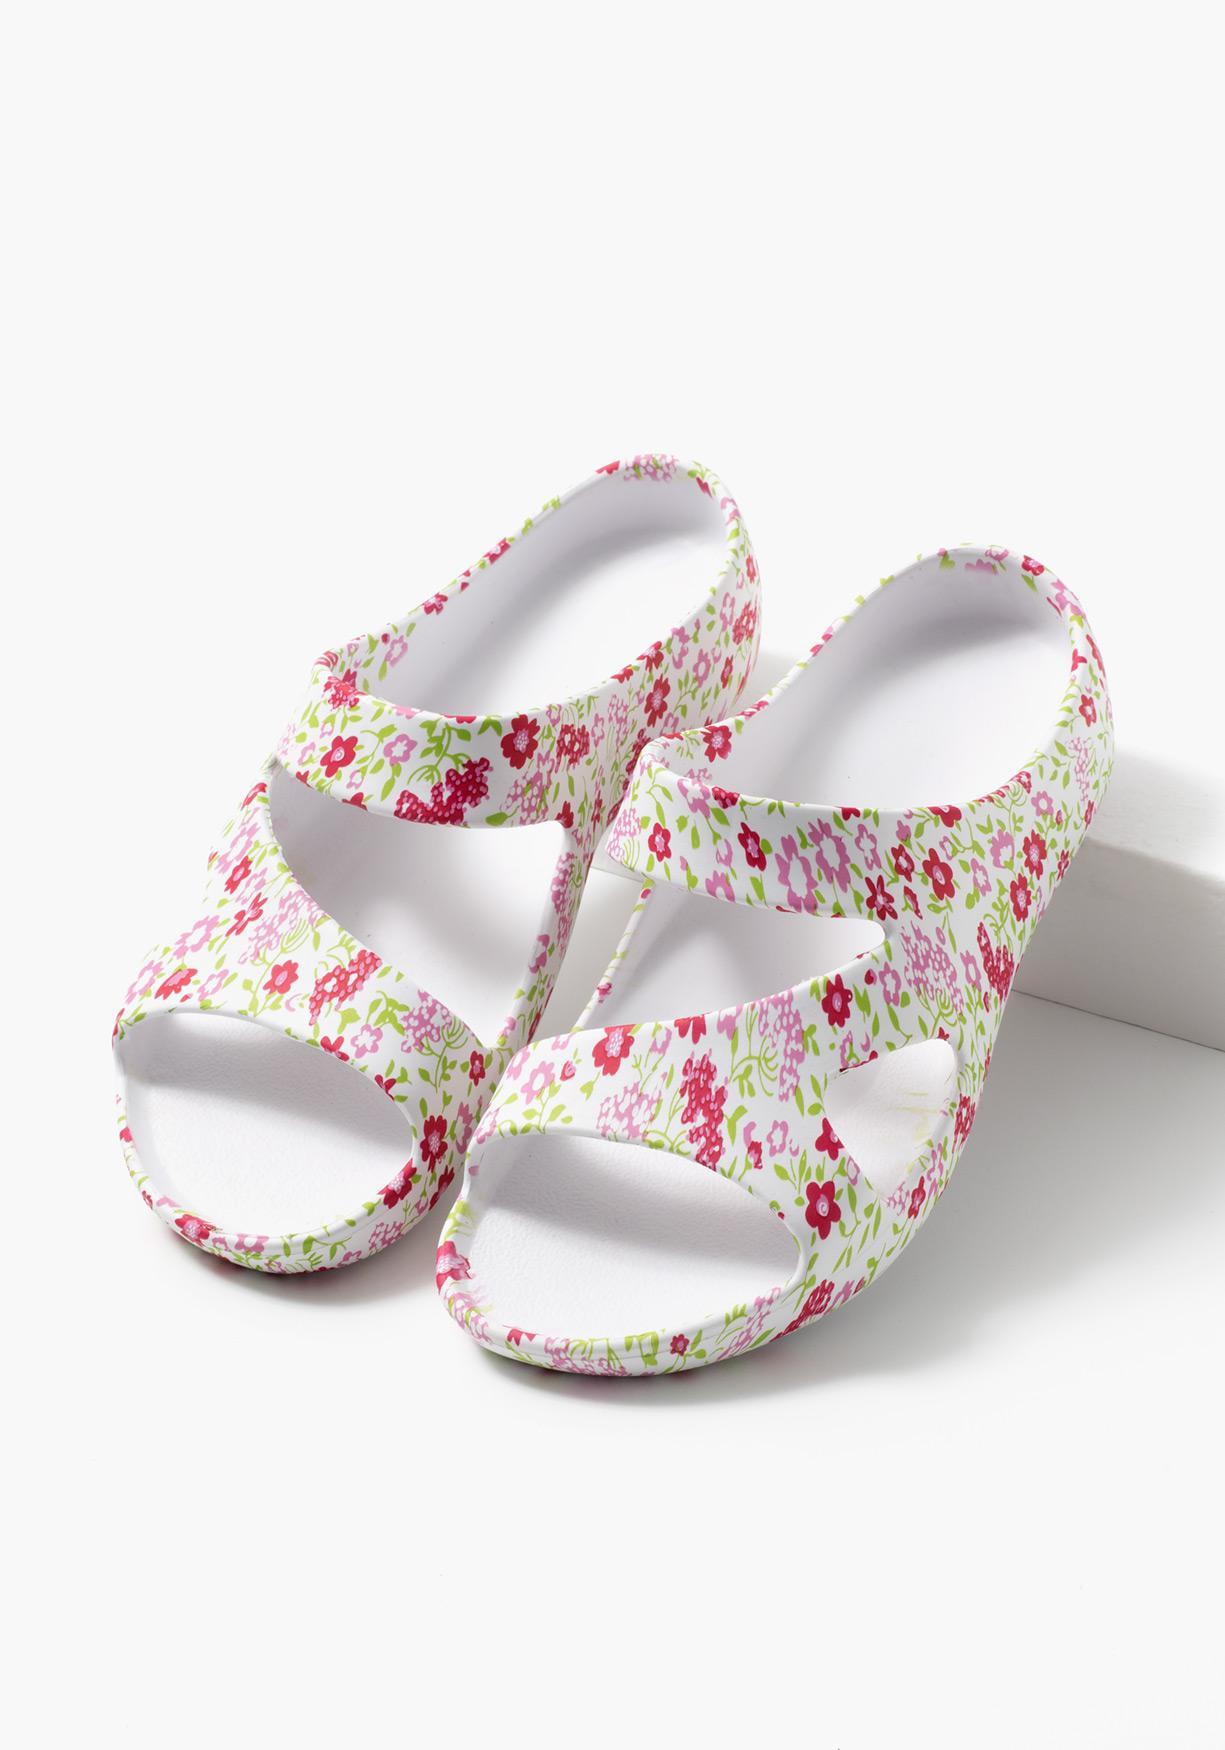 Ofertas en moda tu tienda de ropa online en carrefour tex - Piscinas infantiles carrefour ...